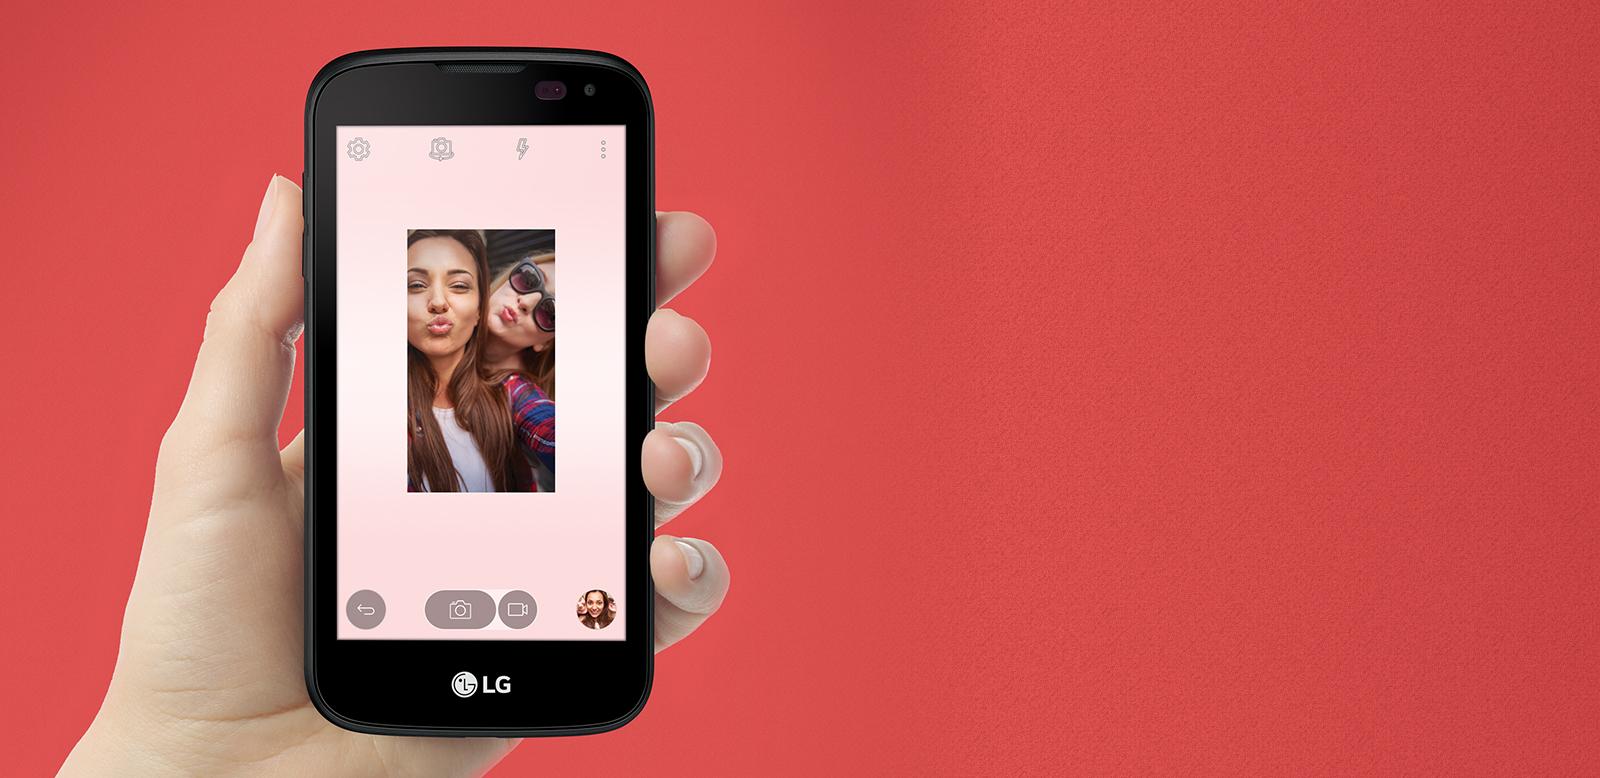 Virgin Mobile LG K3 8GB Prepaid Smartphone, Black